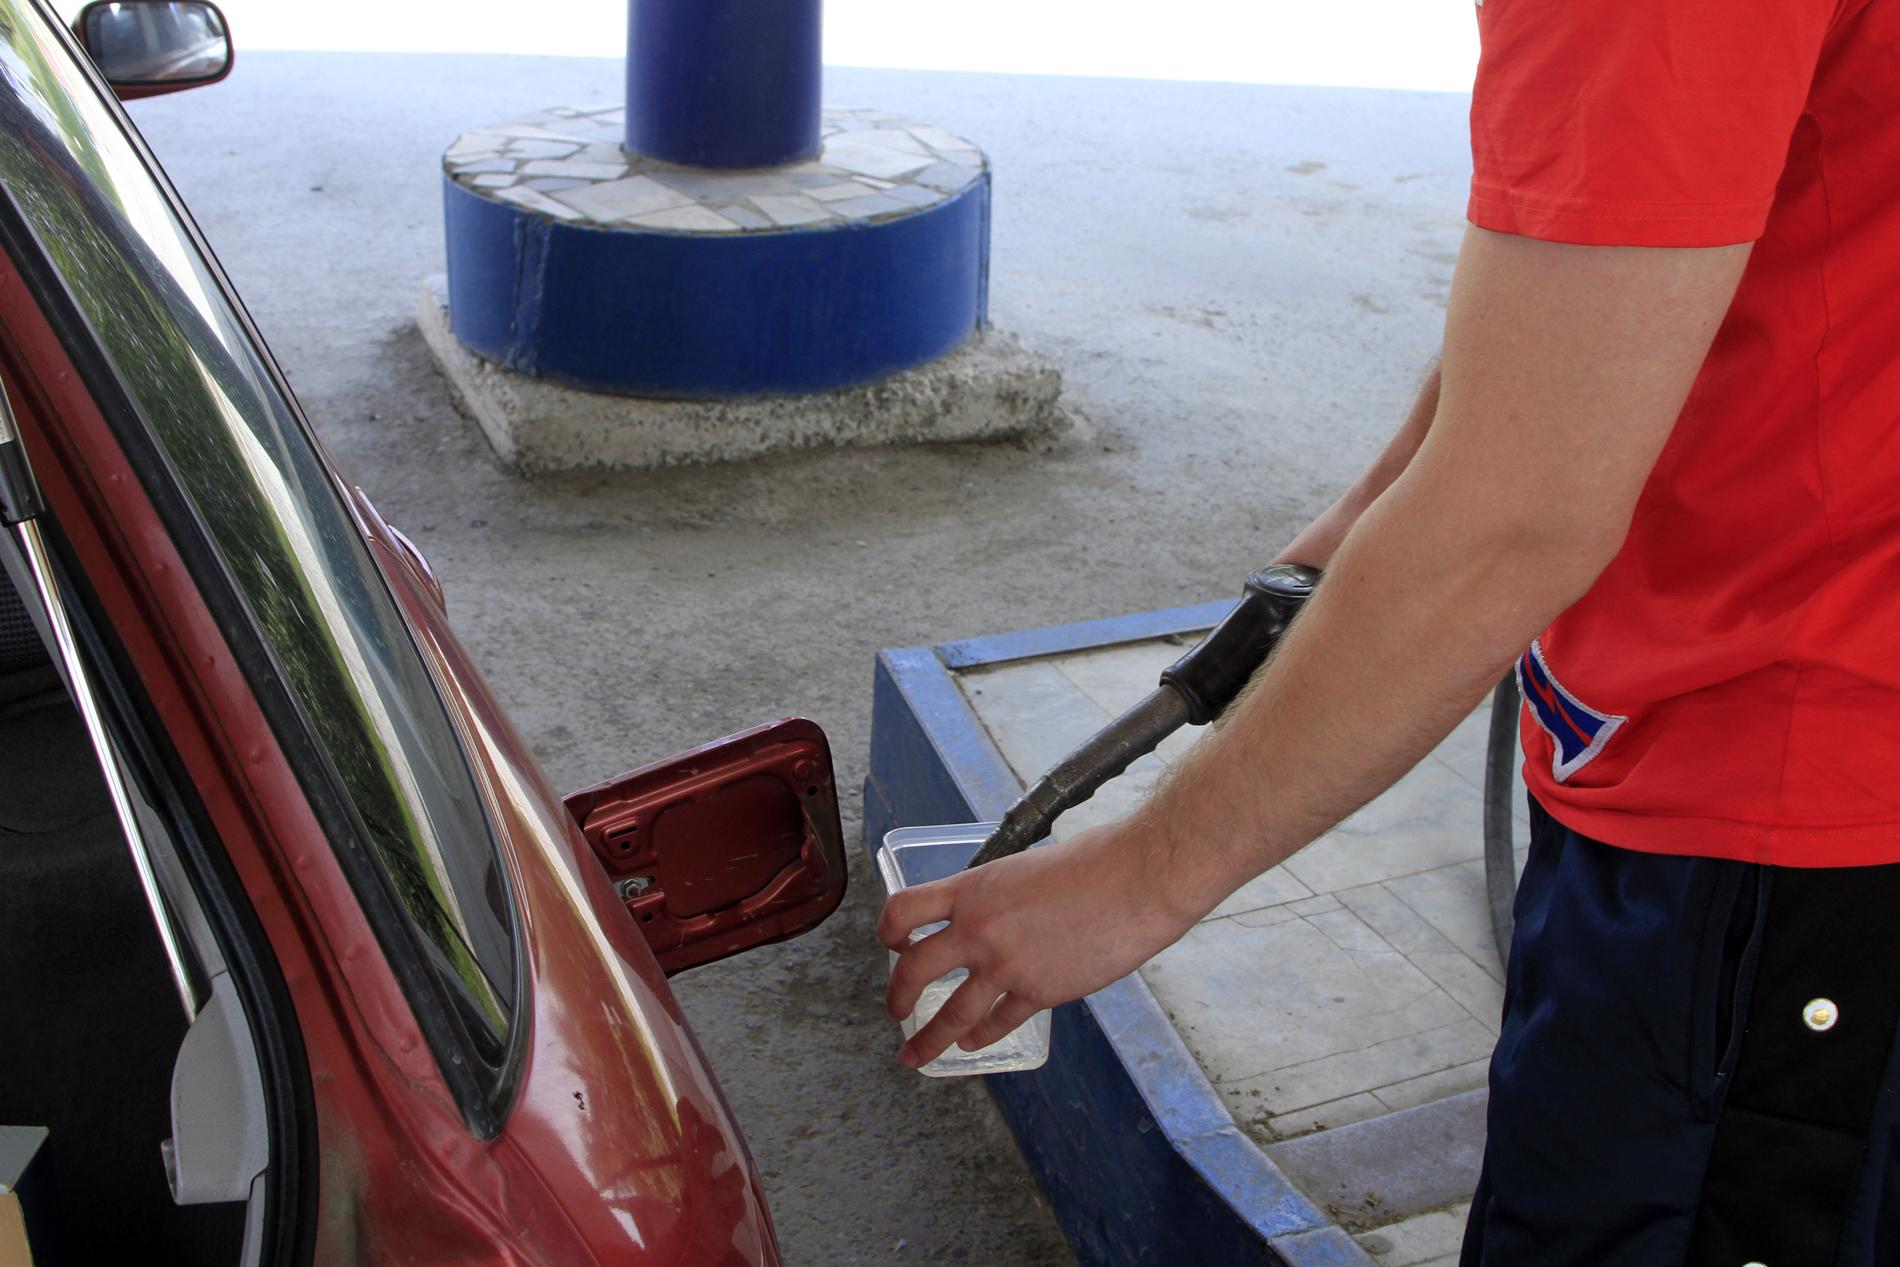 Лабораторная работа: ищем некачественный бензин на АЗС города